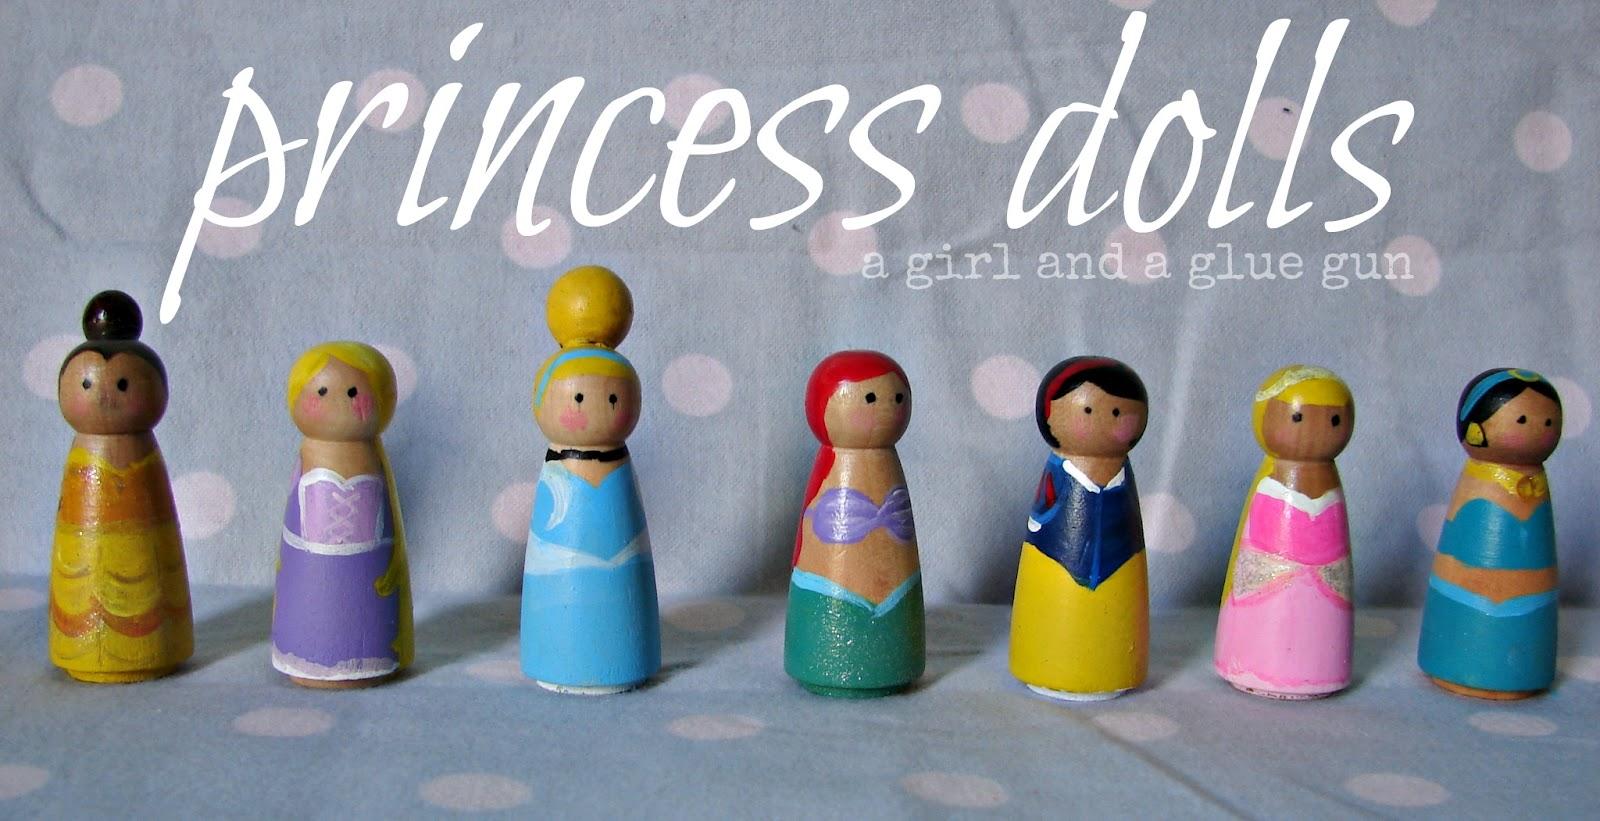 Princess Peg Dolls A Girl And A Glue Gun